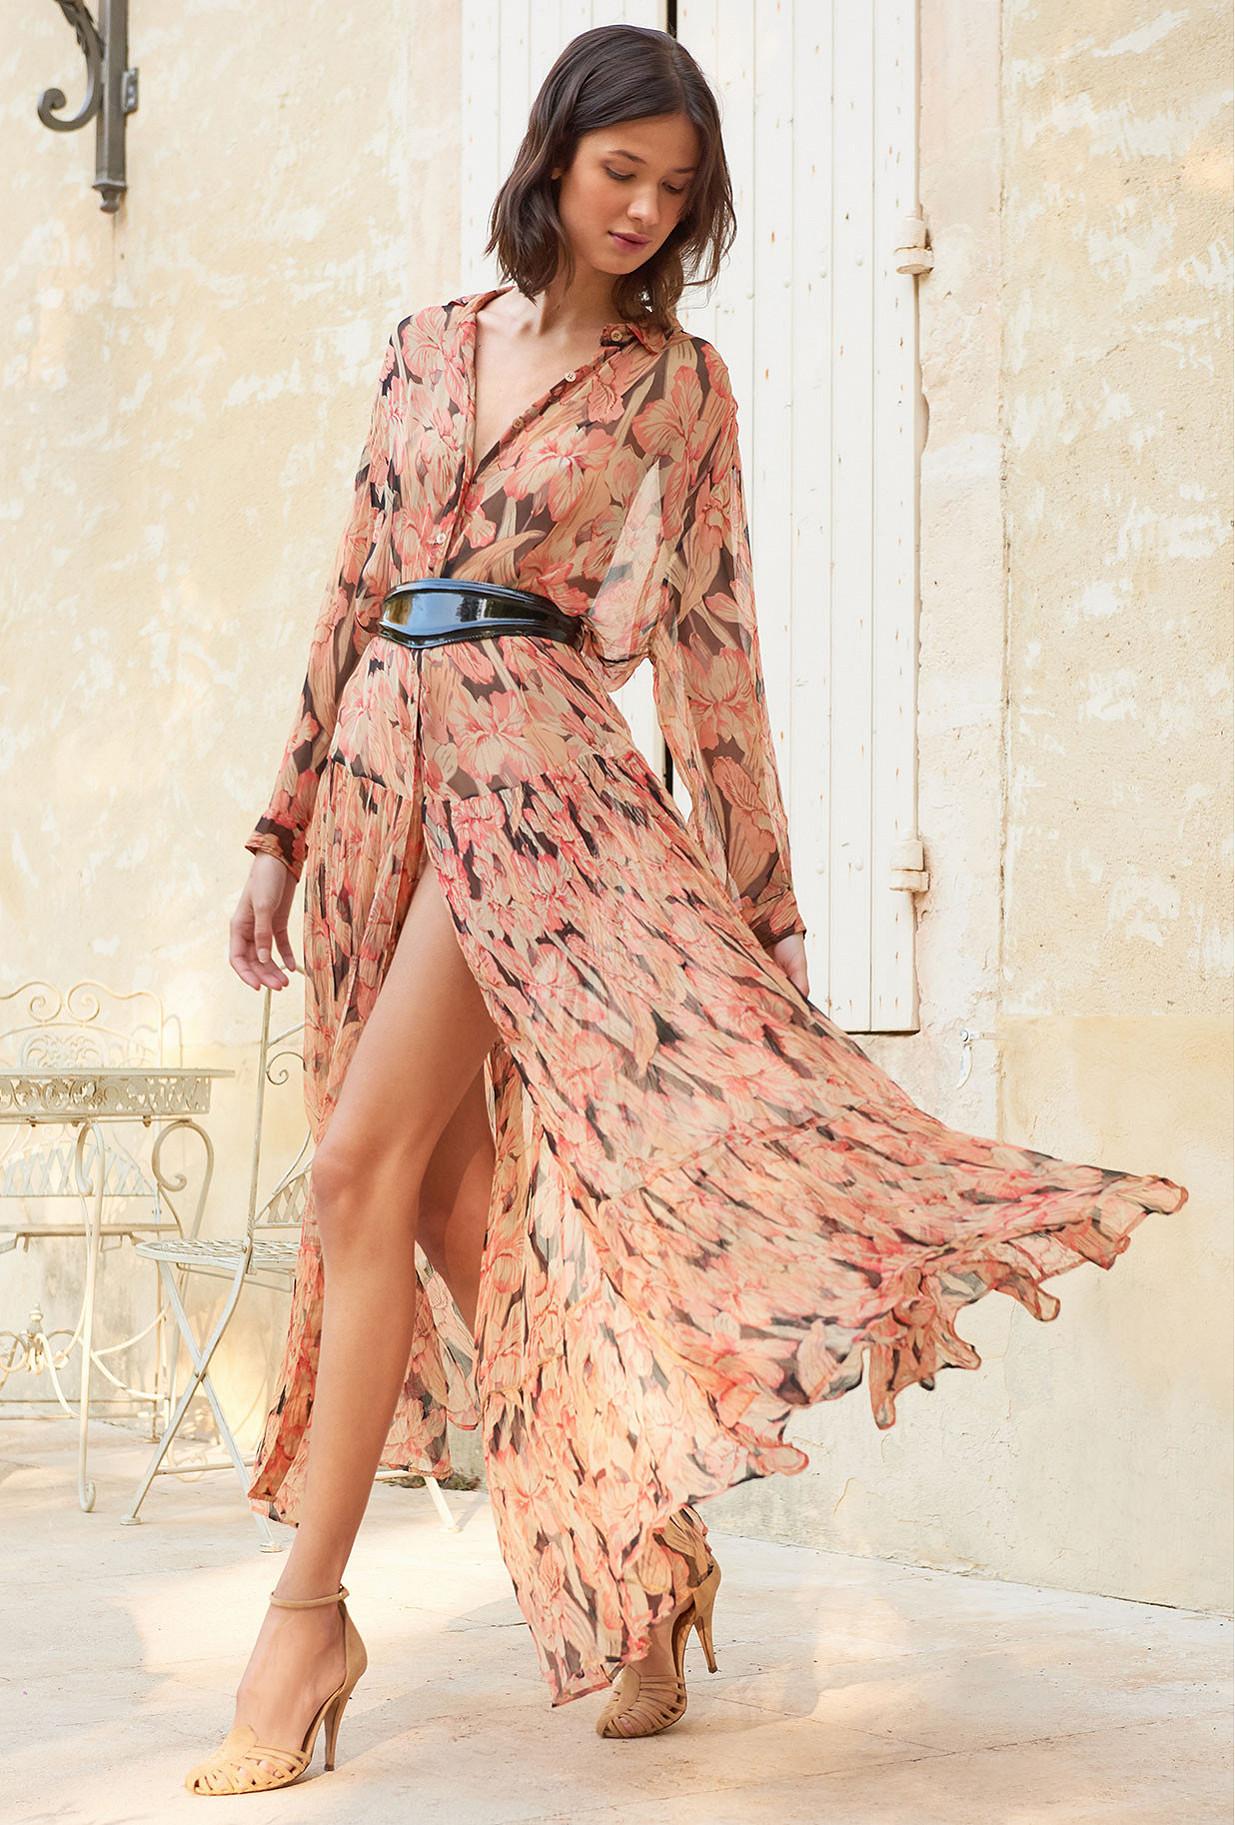 Floral print  Dress  Cerasi Mes demoiselles fashion clothes designer Paris